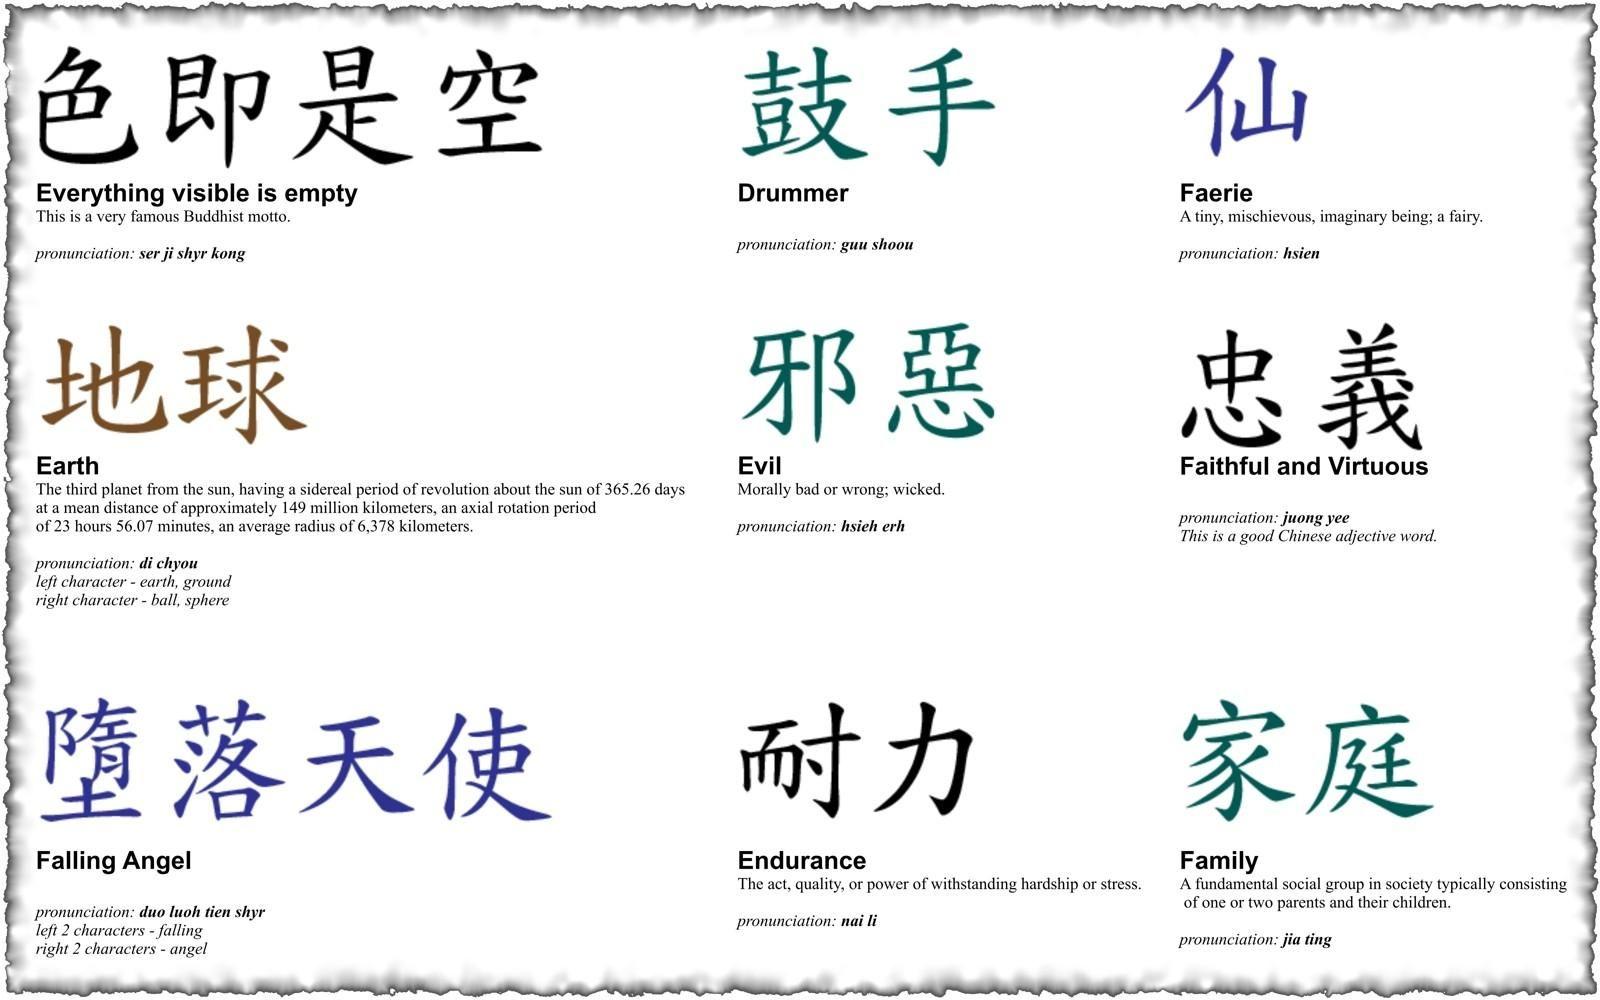 Chinesische Zeichen Tattoovorlagen 3 In 2020 Original Tattoos Chinesische Zeichen Japanische Tattoos